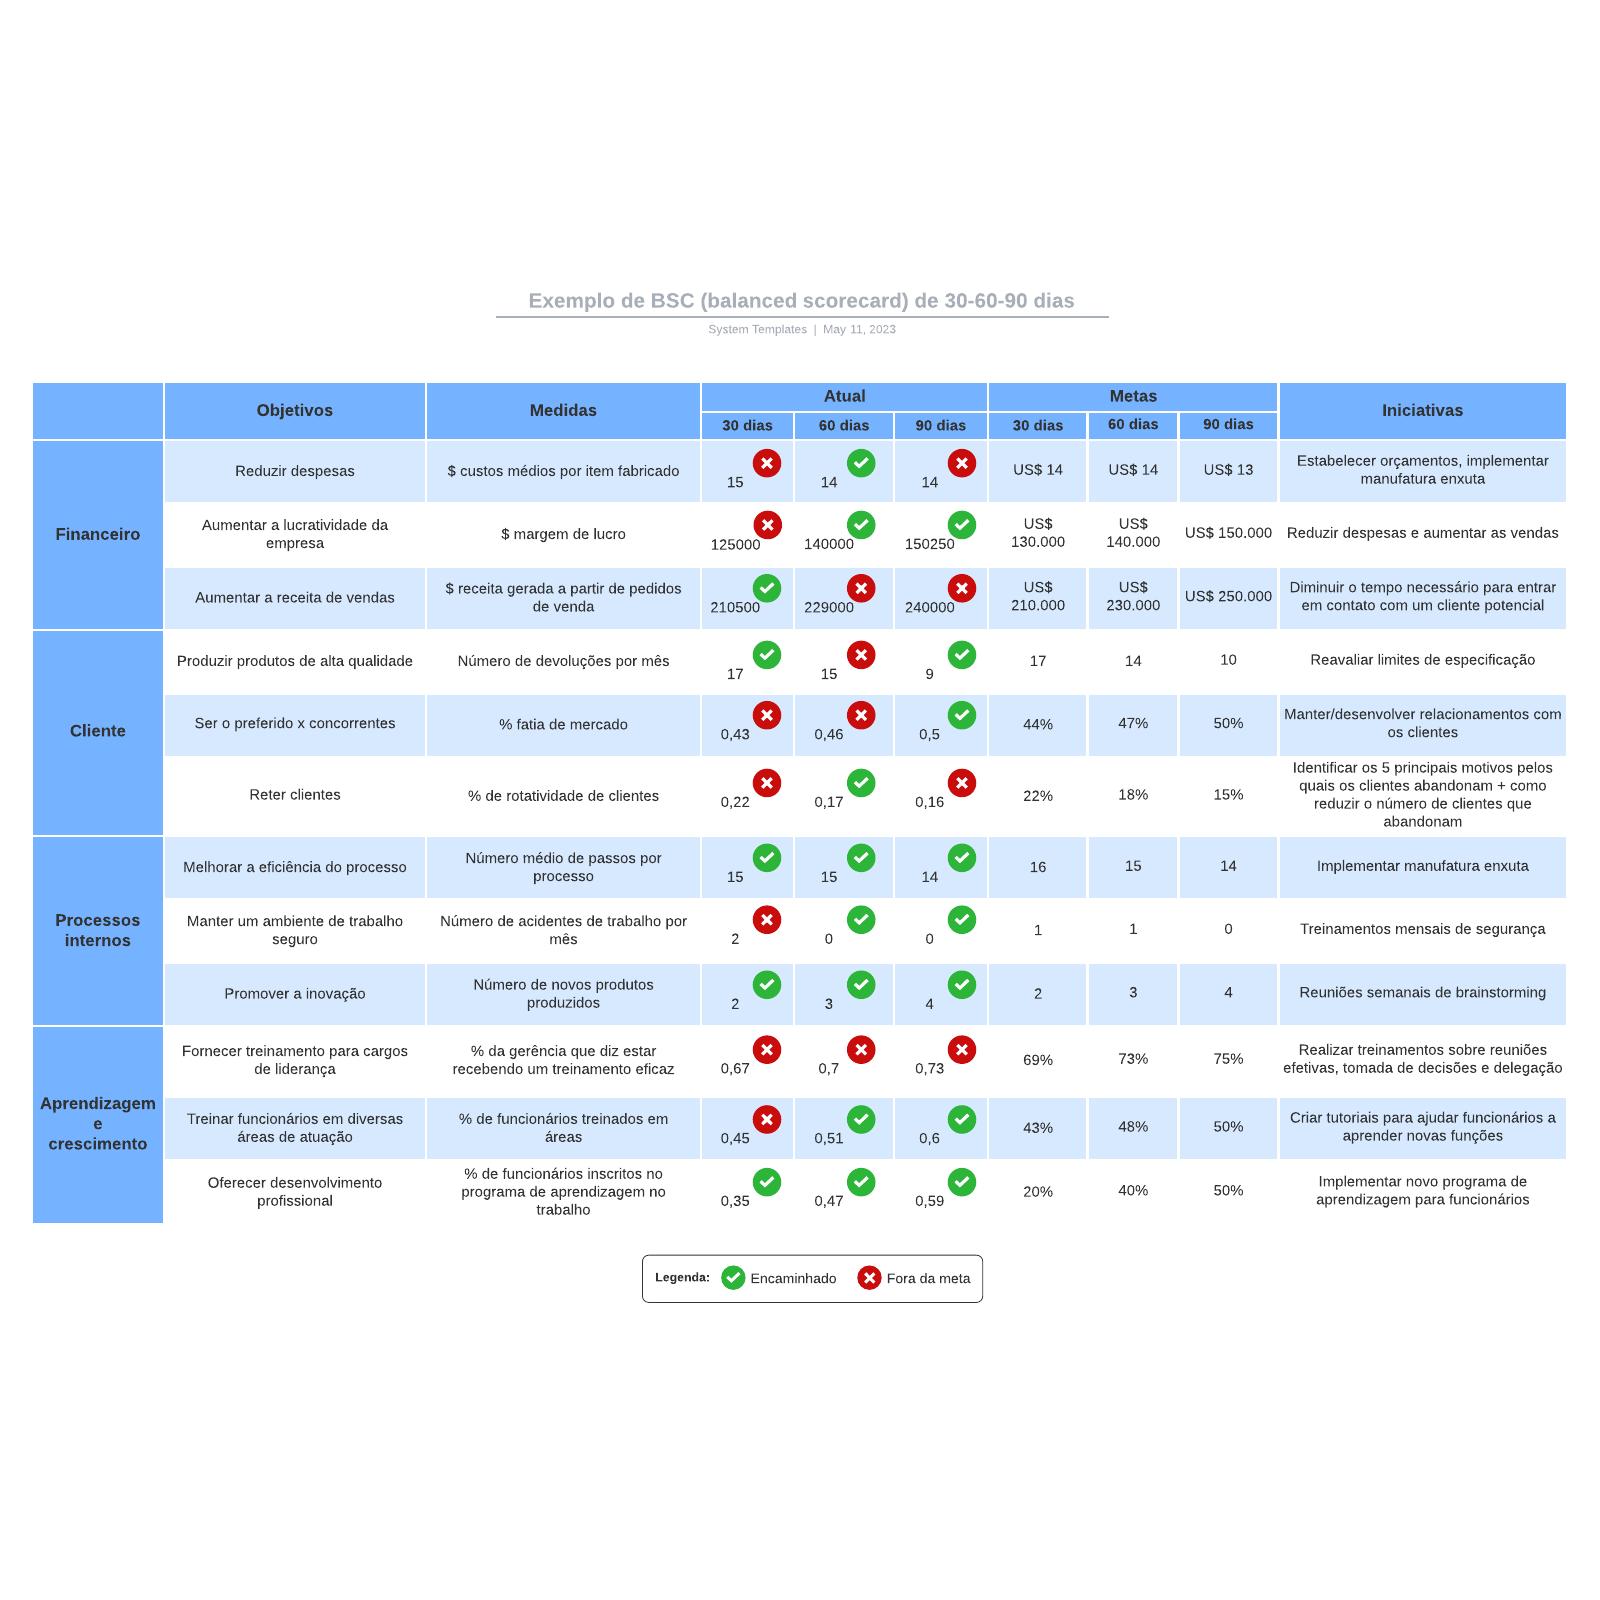 Exemplo de BSC (balanced scorecard) de 30-60-90 dias